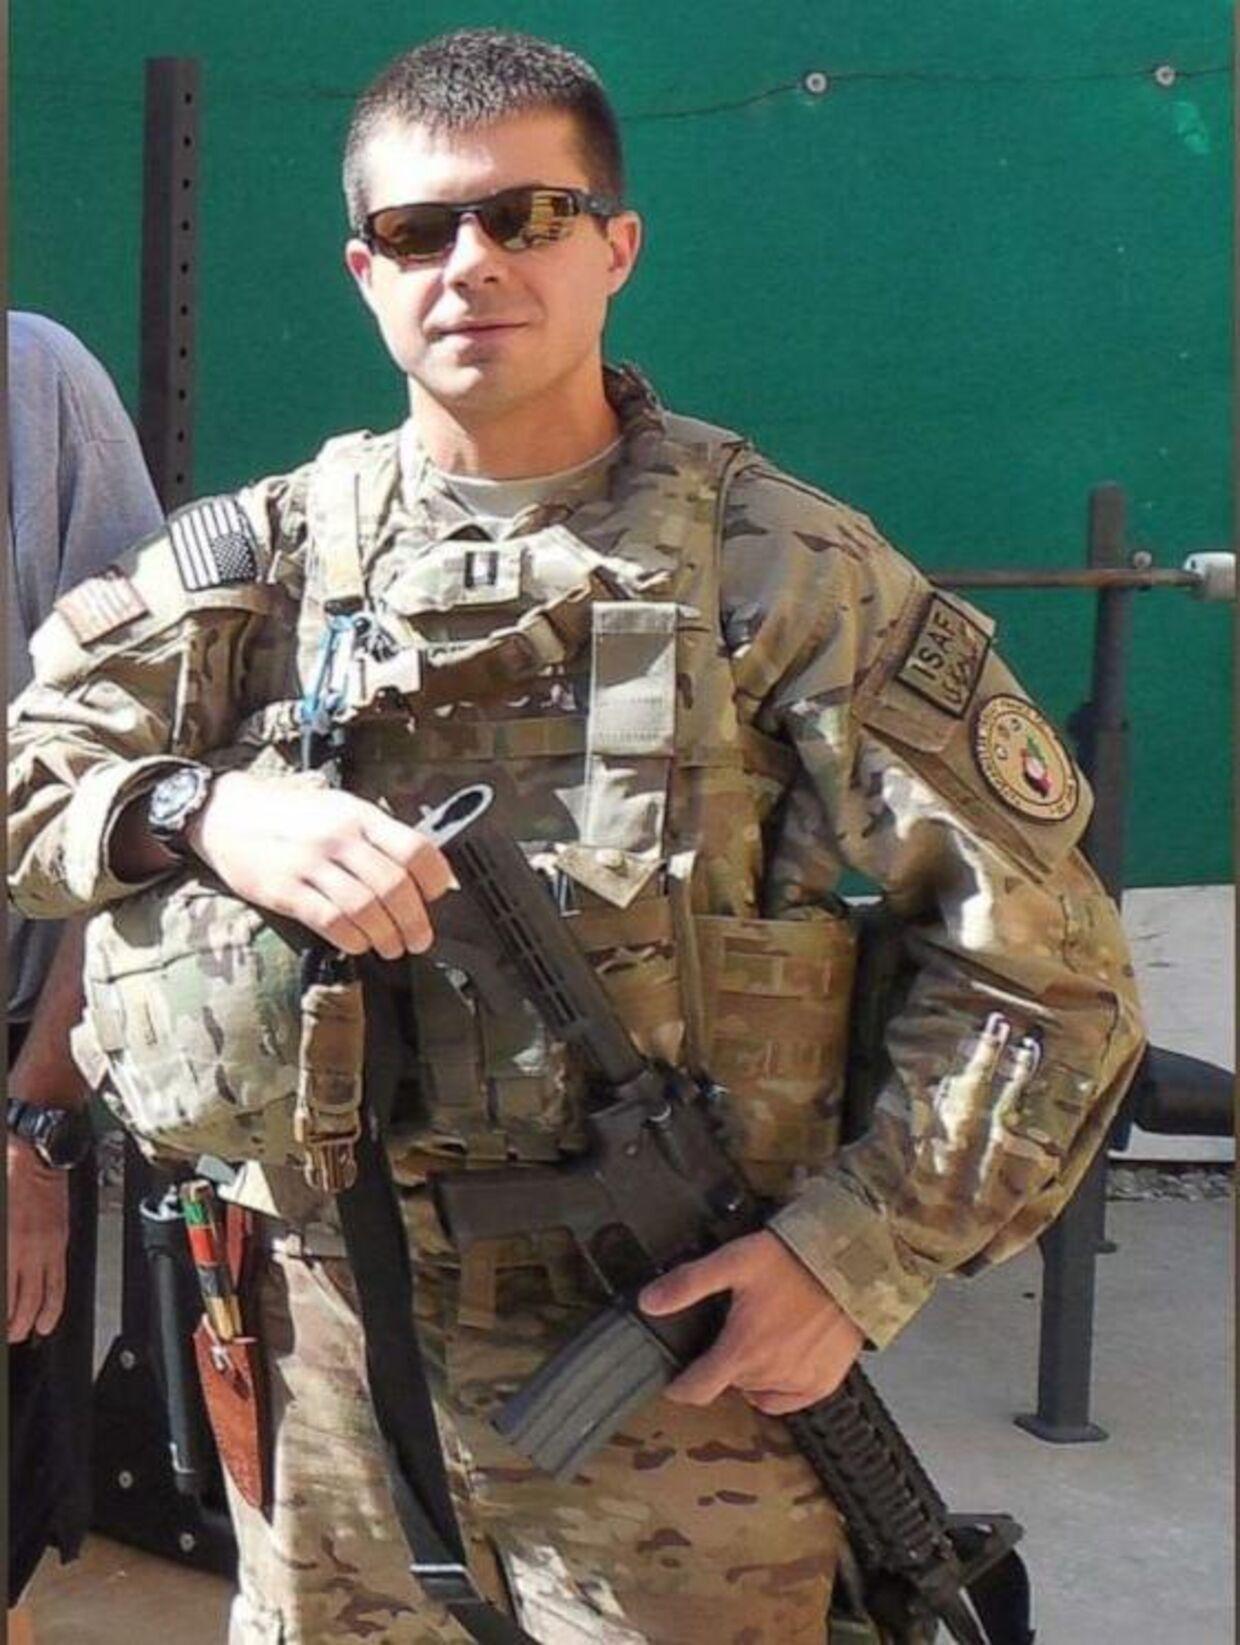 Pete Buttigieg svært bevæbnet og i fuld uniform. I 2014 var præsidentkandidaten udstationeret i Afghanistan.